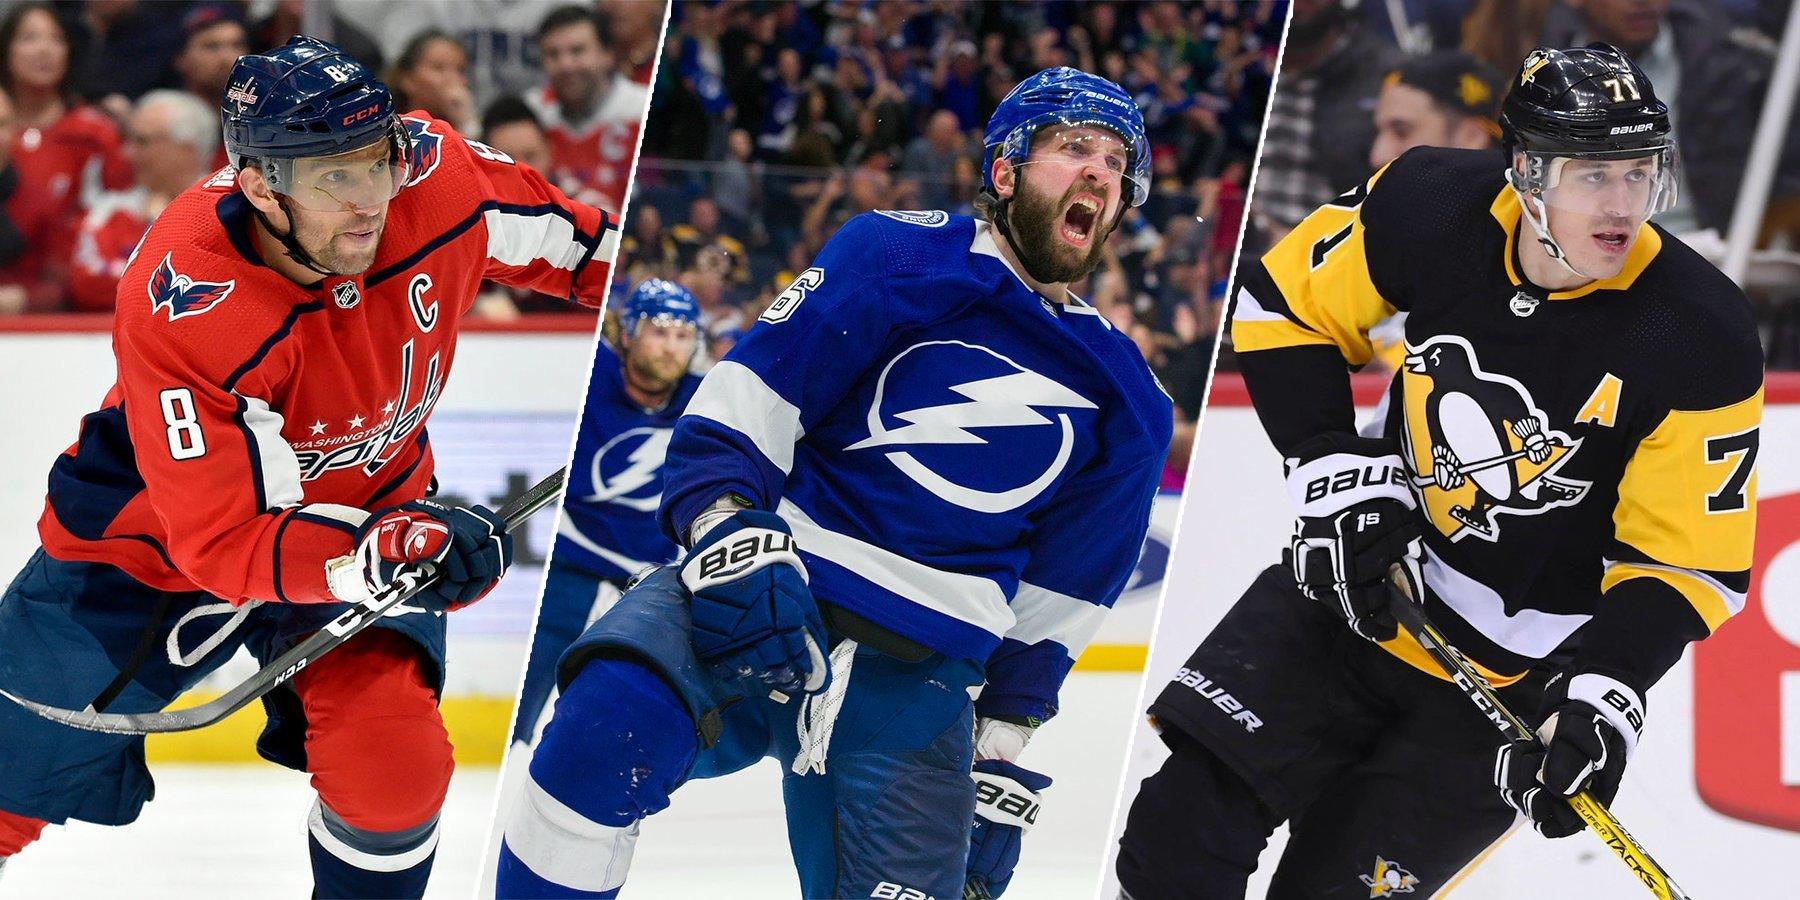 НХЛ вернулась. Что приготовил нам предварительный раунд?